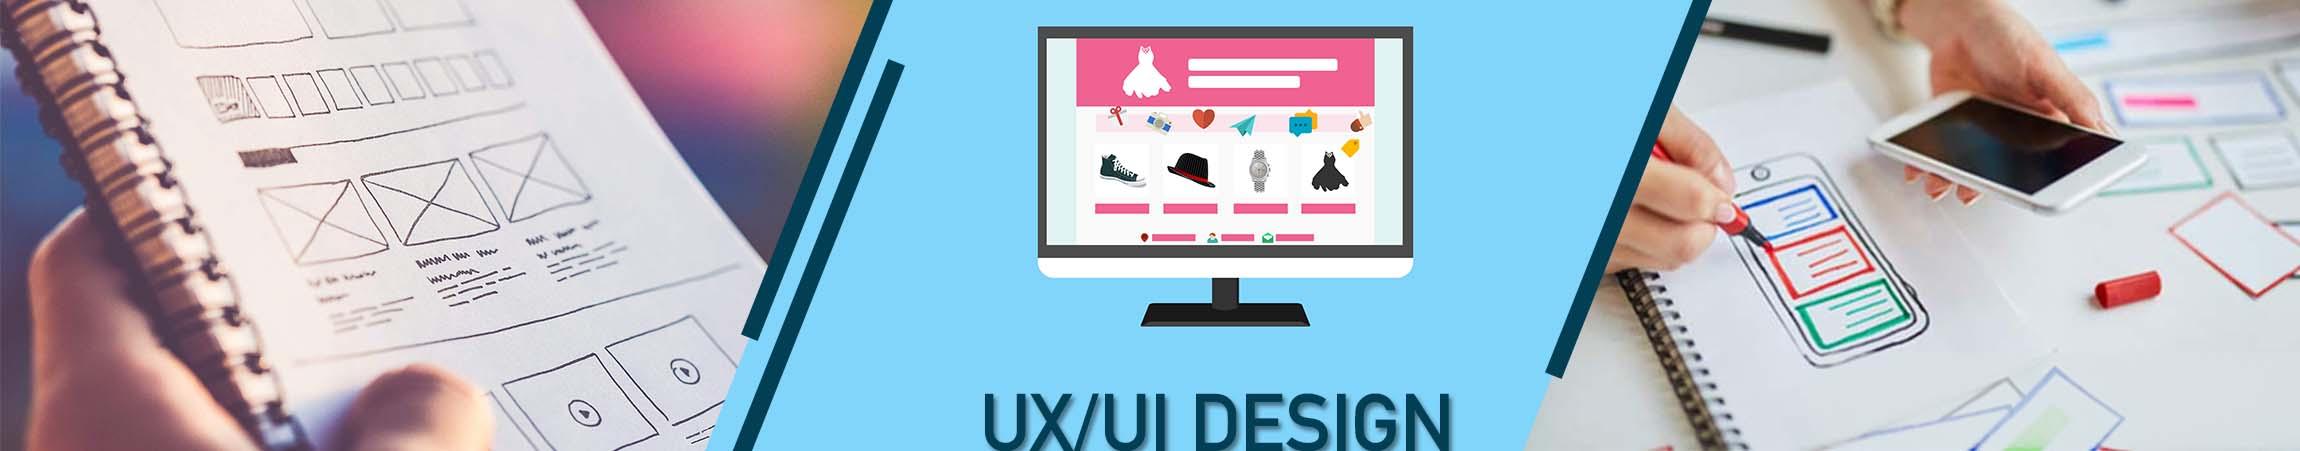 Comart-Design-Paris-Formation-UX_UI Designer